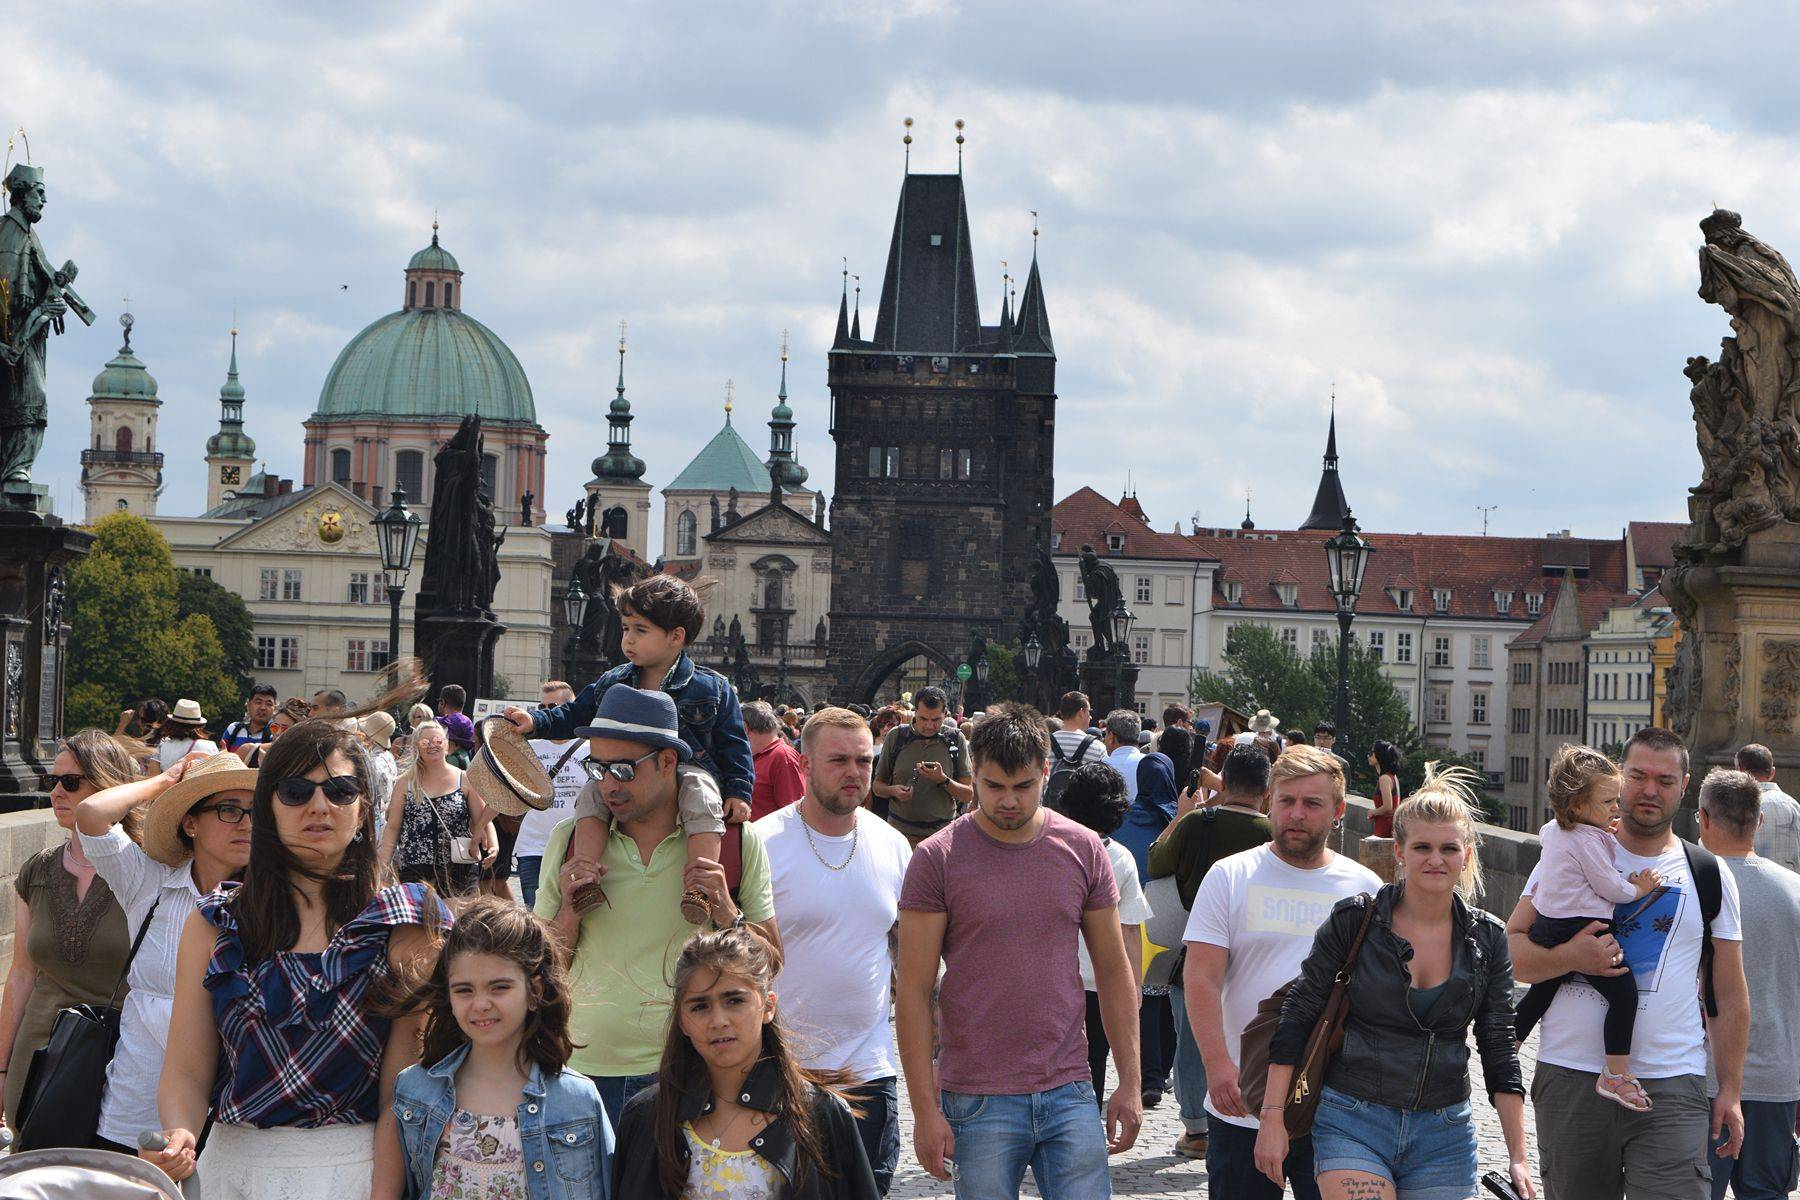 Отзывы русских о жизни в чехии: как относятся к иностранцам, русская община, уровень жизни мигрантов